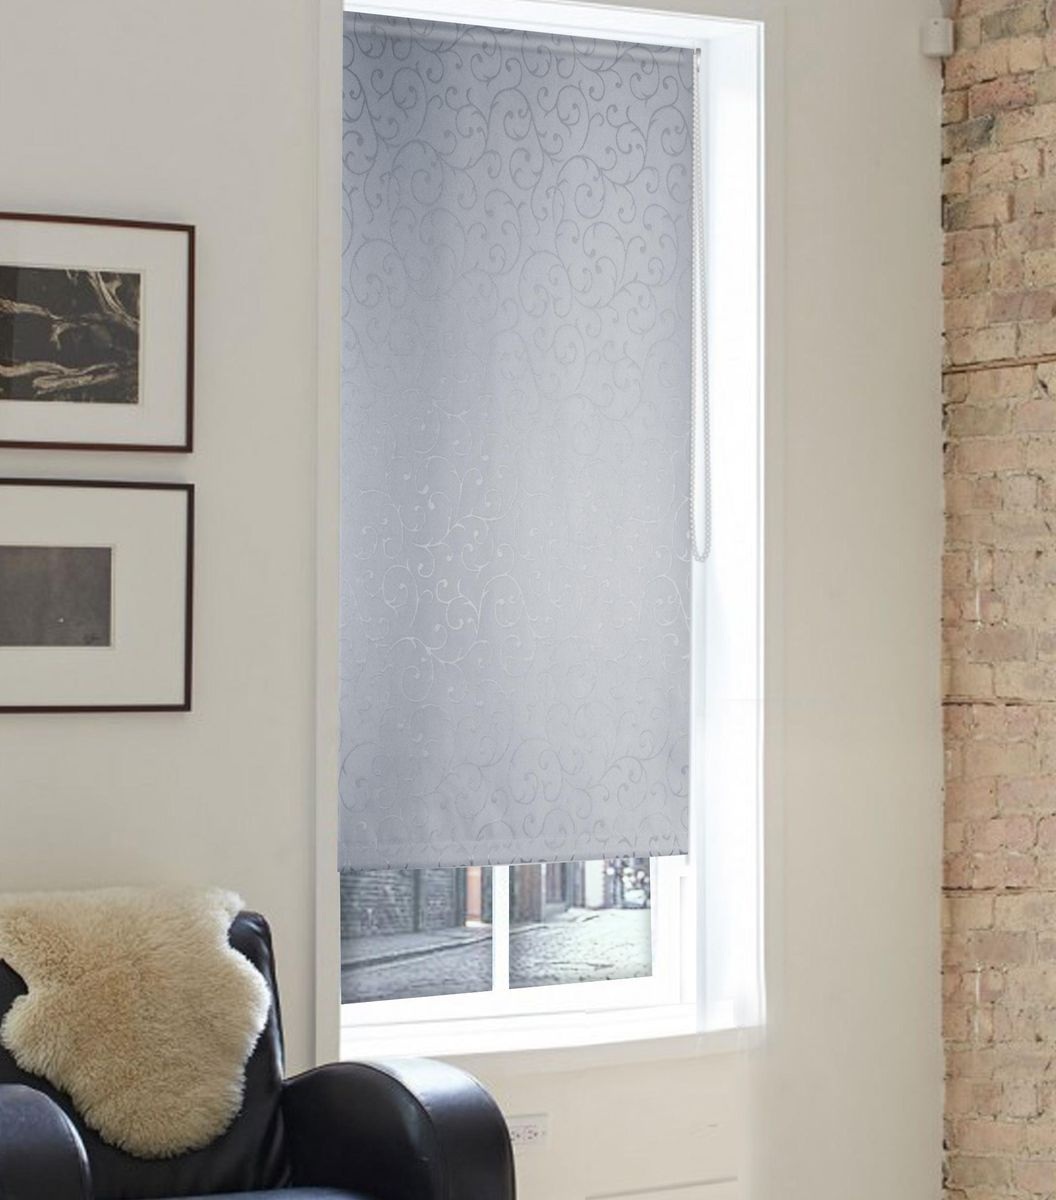 Штора рулонная Эскар Агат, цвет: серый, ширина 160 см, высота 160 смА00319Рулонными шторами можно оформлять окна как самостоятельно, так и использовать в комбинации с портьерами. Это поможет предотвратить выгорание дорогой ткани на солнце и соединит функционал рулонных с красотой навесных.Преимущества применения рулонных штор для пластиковых окон:- имеют прекрасный внешний вид: многообразие и фактурность материала изделия отлично смотрятся в любом интерьере; - многофункциональны: есть возможность подобрать шторы способные эффективно защитить комнату от солнца, при этом она не будет слишком темной.- Есть возможность осуществить быстрый монтаж.ВНИМАНИЕ! Размеры ширины изделия указаны по ширине ткани!Во время эксплуатации не рекомендуется полностью разматывать рулон, чтобы не оторвать ткань от намоточного вала.В случае загрязнения поверхности ткани, чистку шторы проводят одним из способов, в зависимости от типа загрязнения: легкое поверхностное загрязнение можно удалить при помощи канцелярского ластика; чистка от пыли производится сухим методом при помощи пылесоса с мягкой щеткой-насадкой; для удаления пятна используйте мягкую губку с пенообразующим неагрессивным моющим средством или пятновыводитель на натуральной основе (нельзя применять растворители).